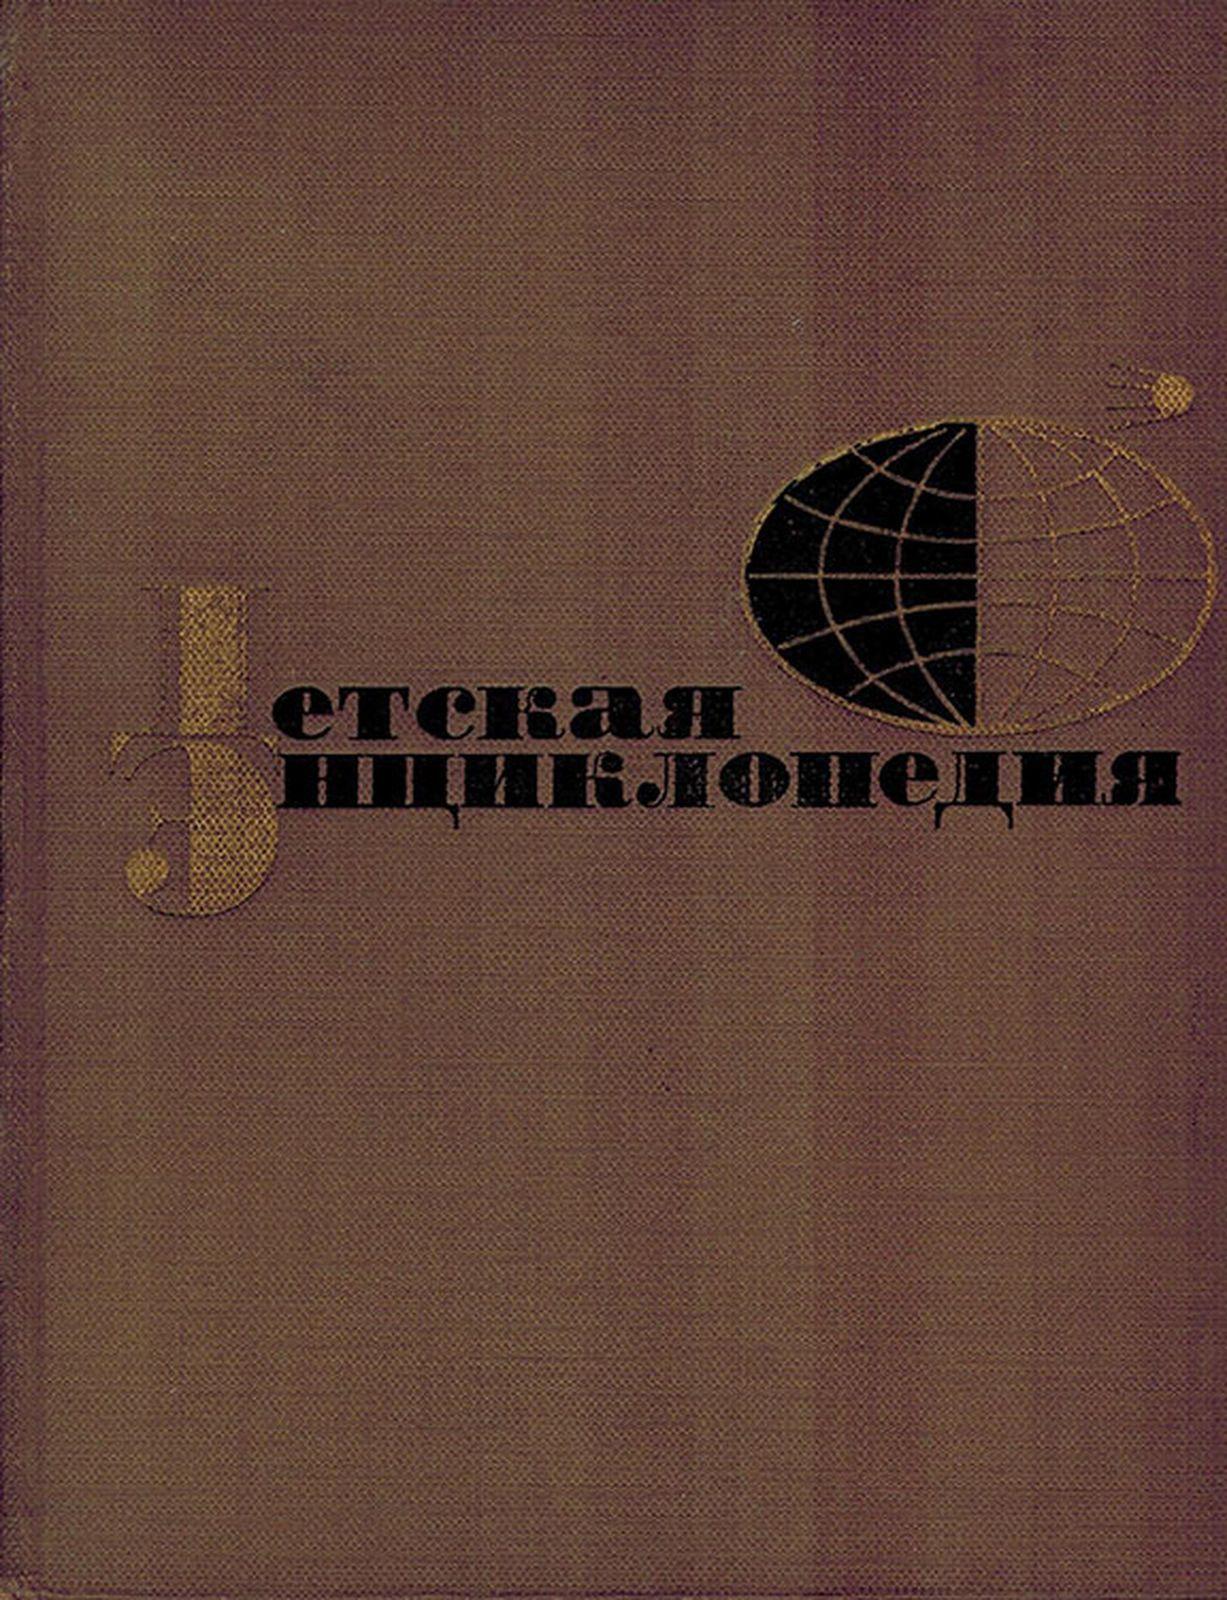 Детская энциклопедия (комплект из 12 книг) Том 6 закирова нелли джаз детская энциклопедия cd